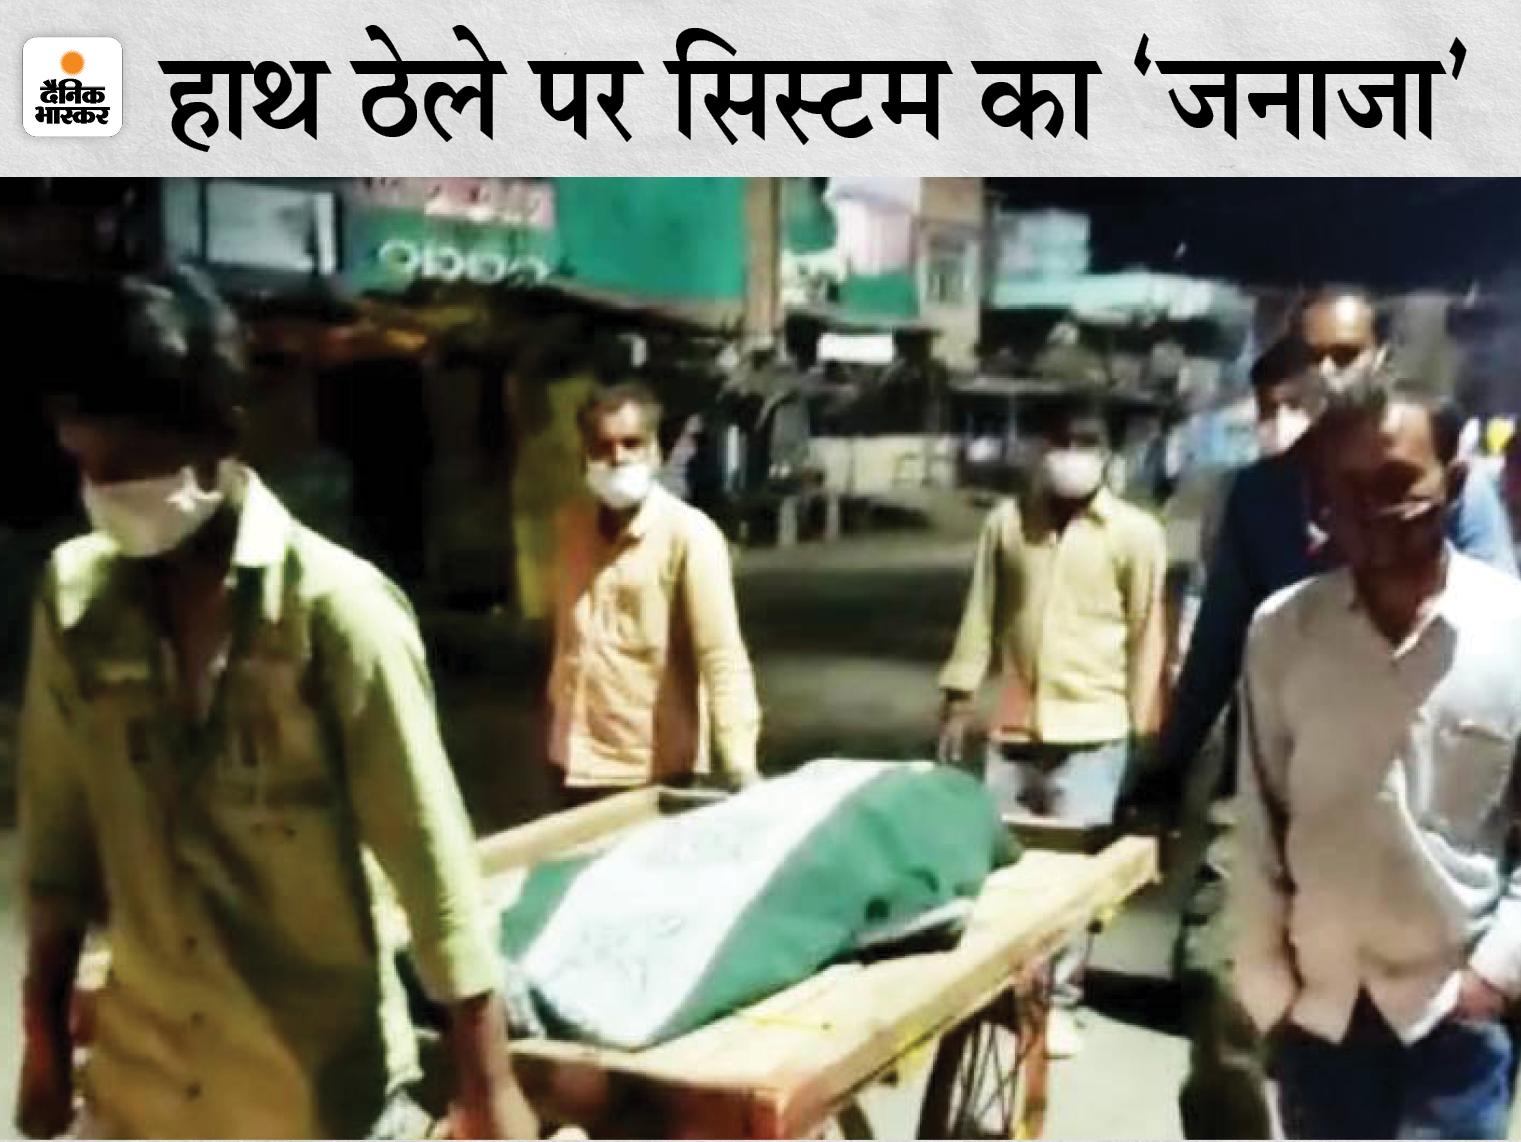 शव ले जाने के लिए अस्पताल में शववाहिनी नहीं, निजी वाहन ने मांगे5 हजार रु.; फिर रात मेंपरिजन हाथठेले पर शव रखकरलेगए सागर,Sagar - Dainik Bhaskar